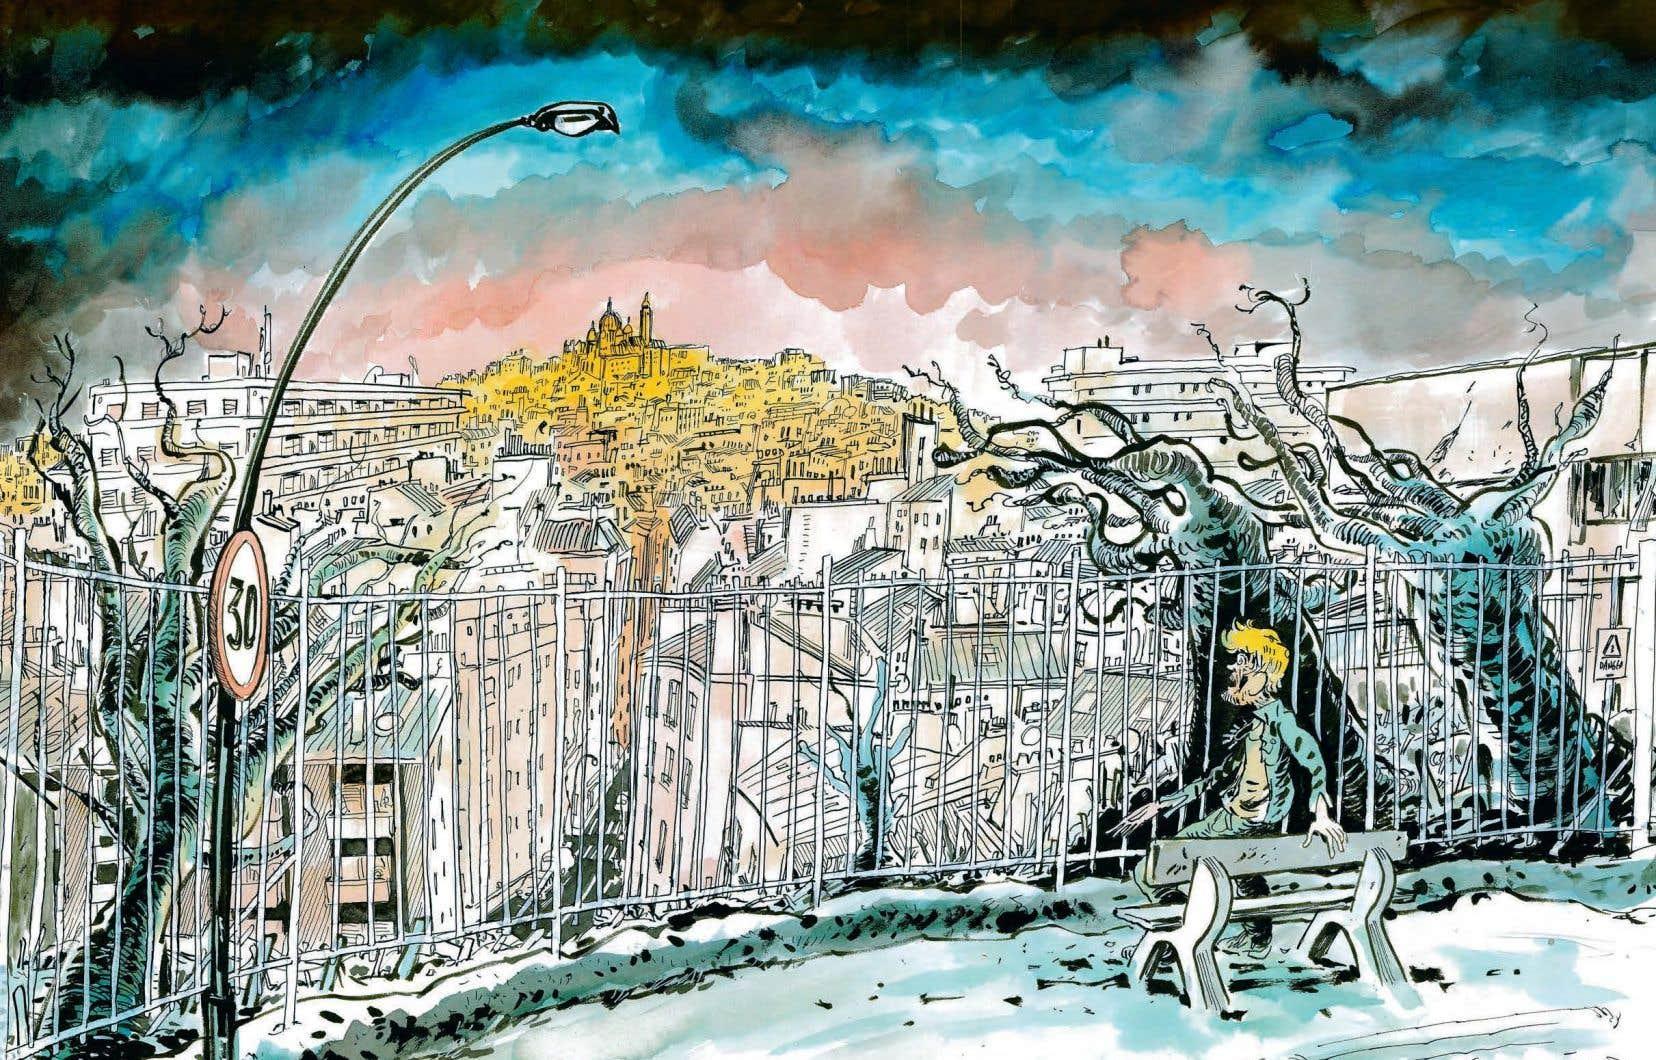 Une planche de «Vernon Subutex». Excellente transition du roman vers la bédé, une belle réussite, la plume de Virginie Despentes conservant ici son élan colérique, sexuel et malpropre. Une écriture admirablement bien portée par le dessin nerveux de Luz, un ancien de «Charlie Hebdo».